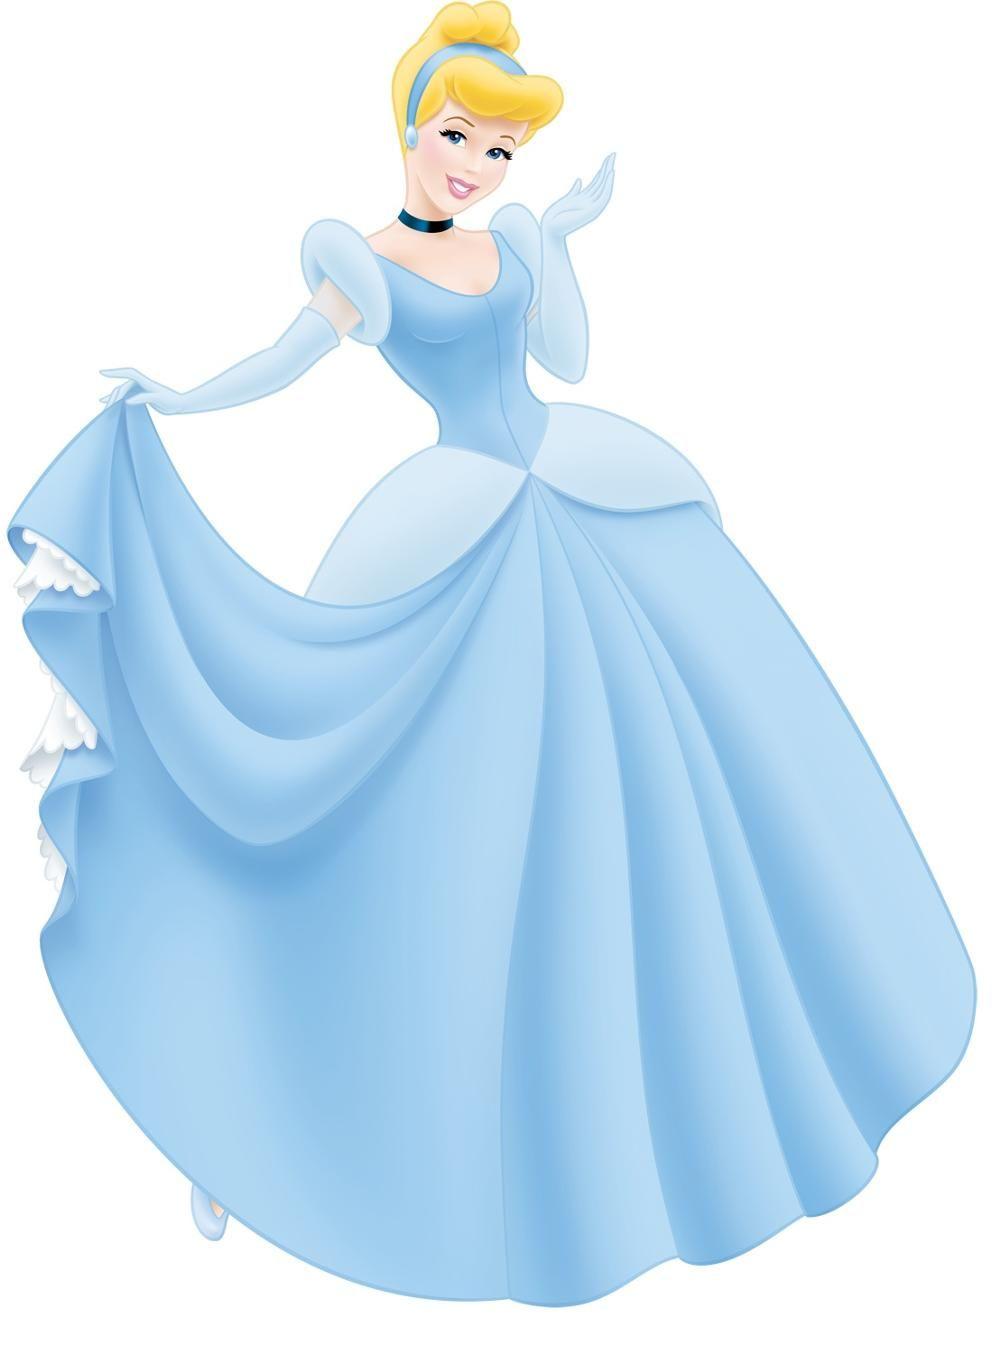 Disney Princess Photo Cinderella Cinderella Disney Disney Princess Background Cinderella